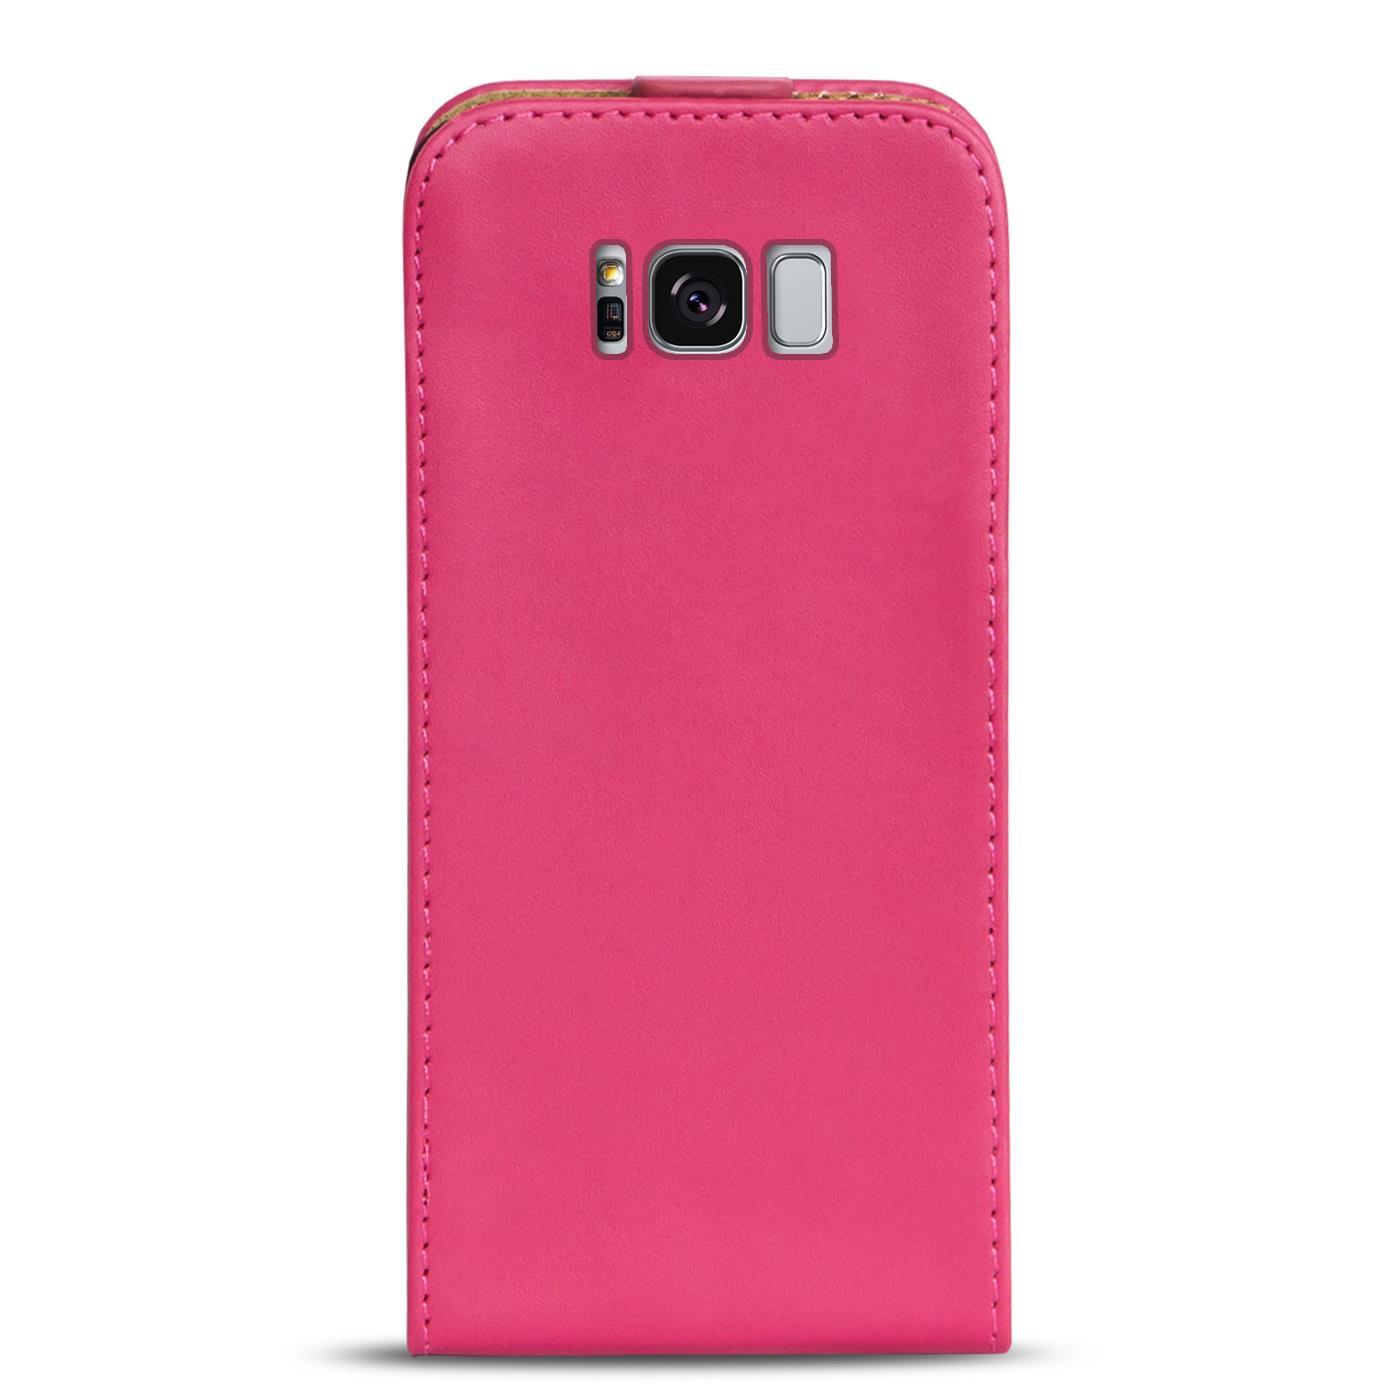 Klapphuelle-Samsung-Galaxy-Flip-Case-Tasche-Schutzhuelle-Cover-Schutz-Handy-Huelle Indexbild 21